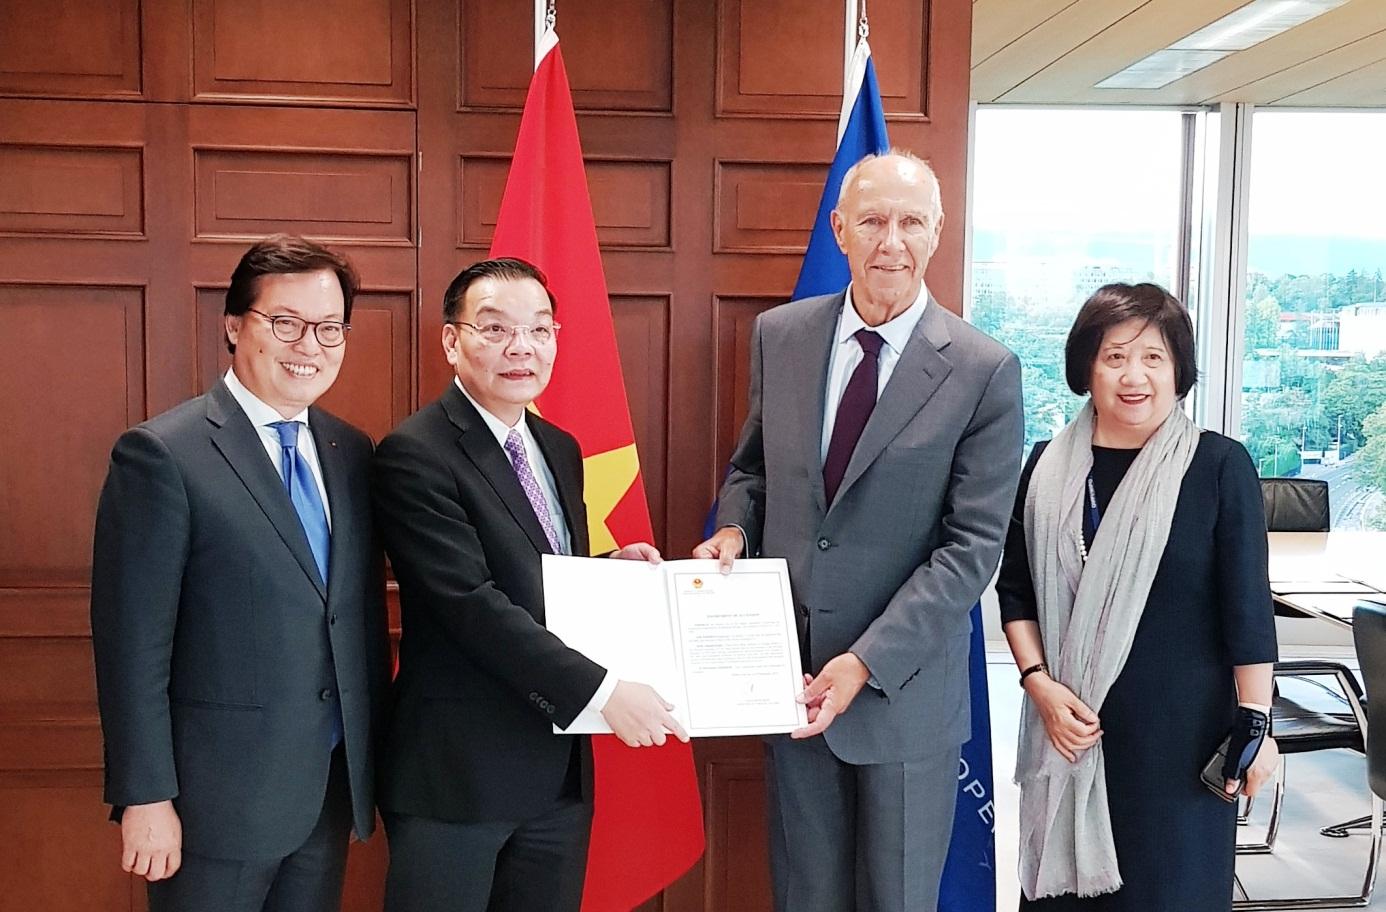 Bộ trưởng Chu Ngọc Anh trao Văn kiện gia nhập cho Tổng Giám đốc WIPO Francis Gurry.